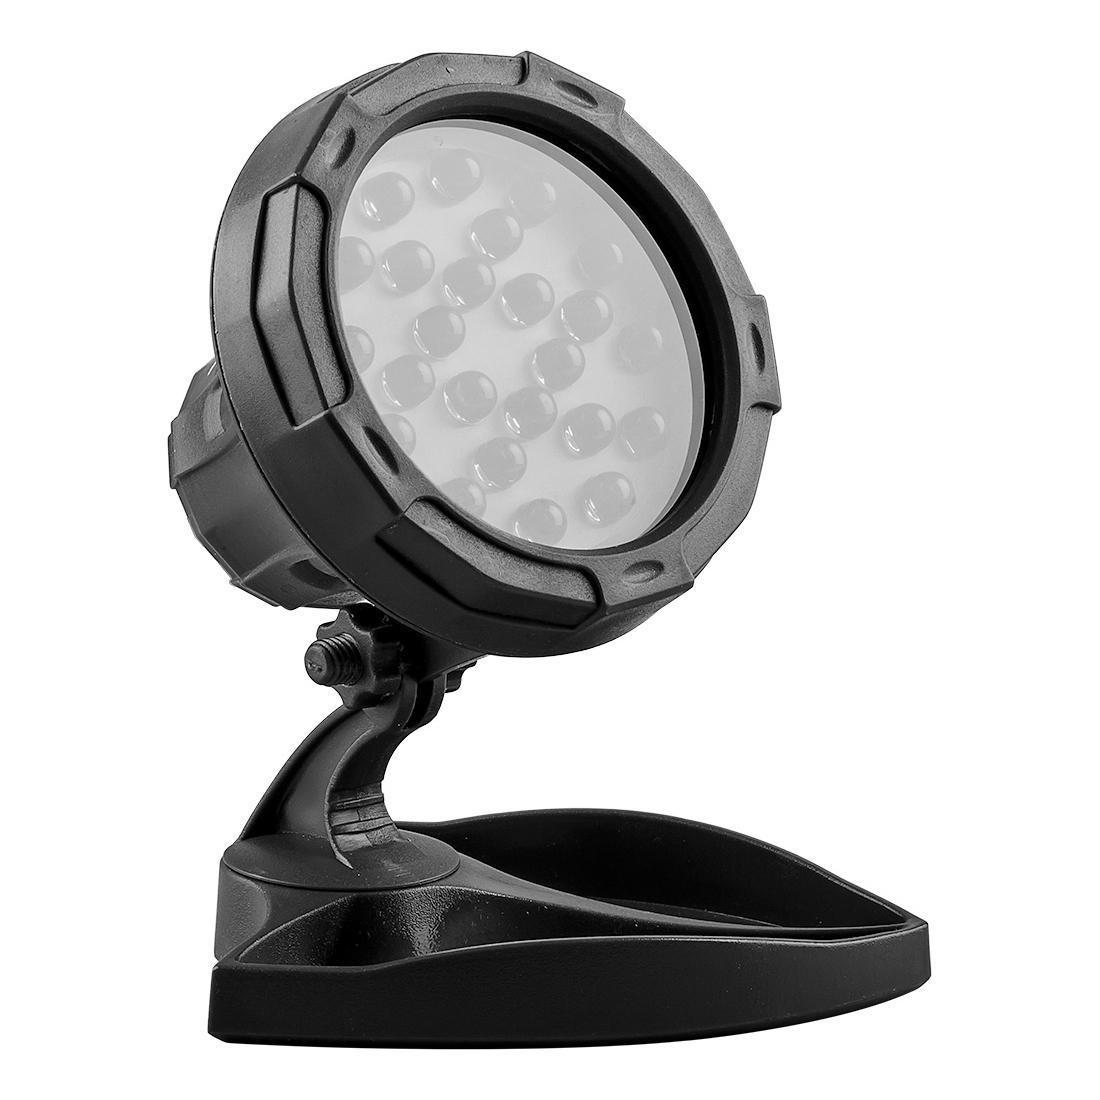 Уличный светильник Feron 32159, LED уличный светильник feron 8105 fr 11248